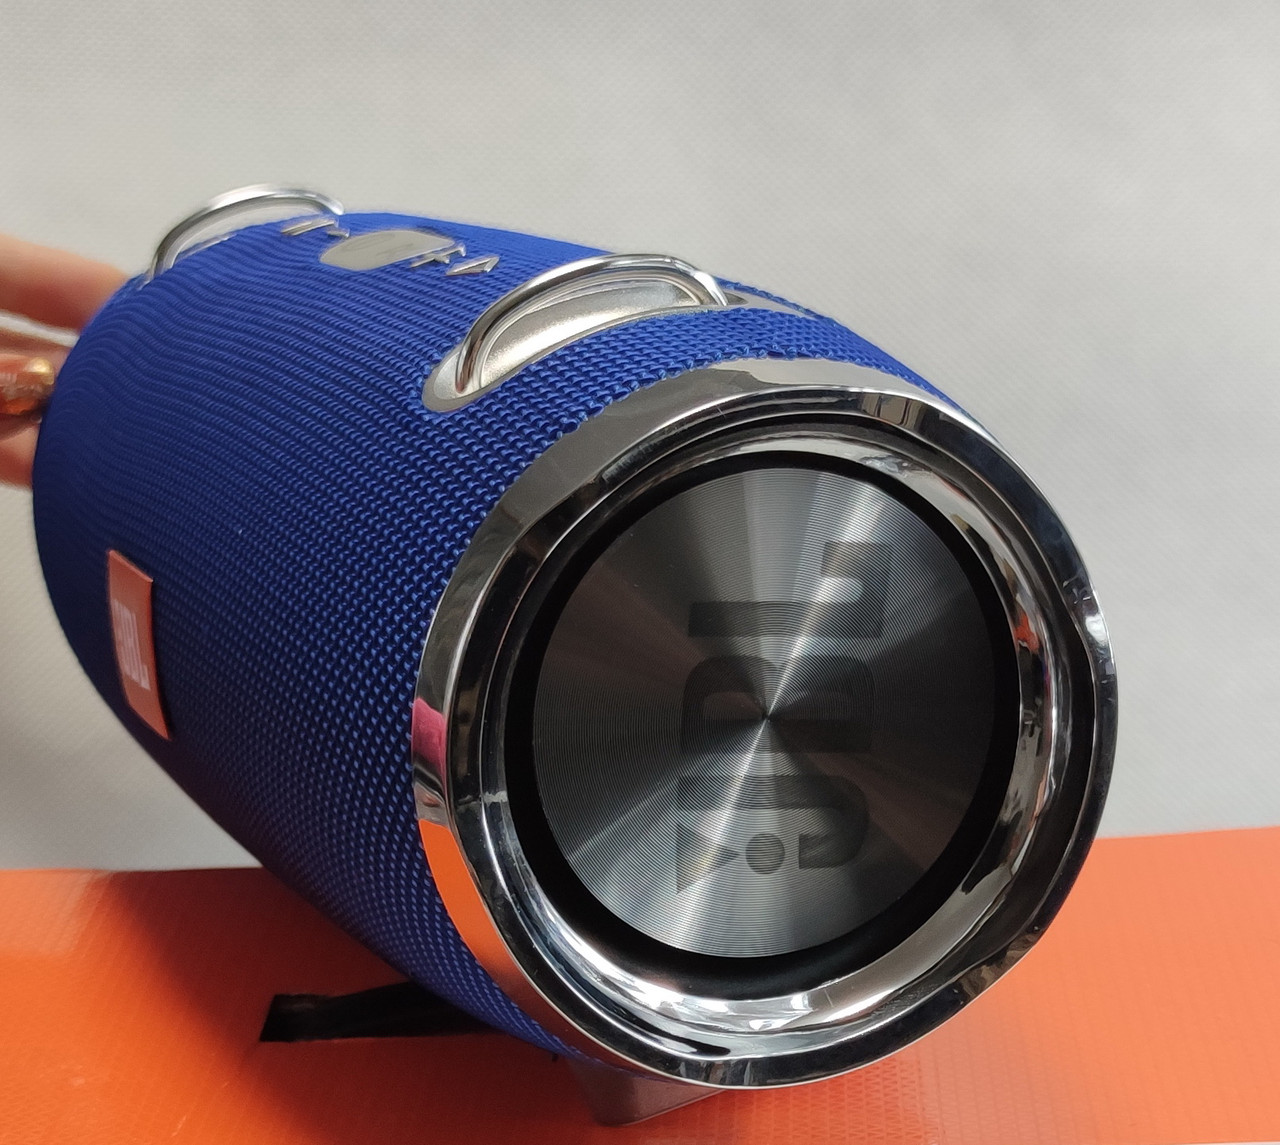 Портативная беспроводная bluetooth большая юсб колонка для музыки блютуз акустика для телефона синяя 28см.